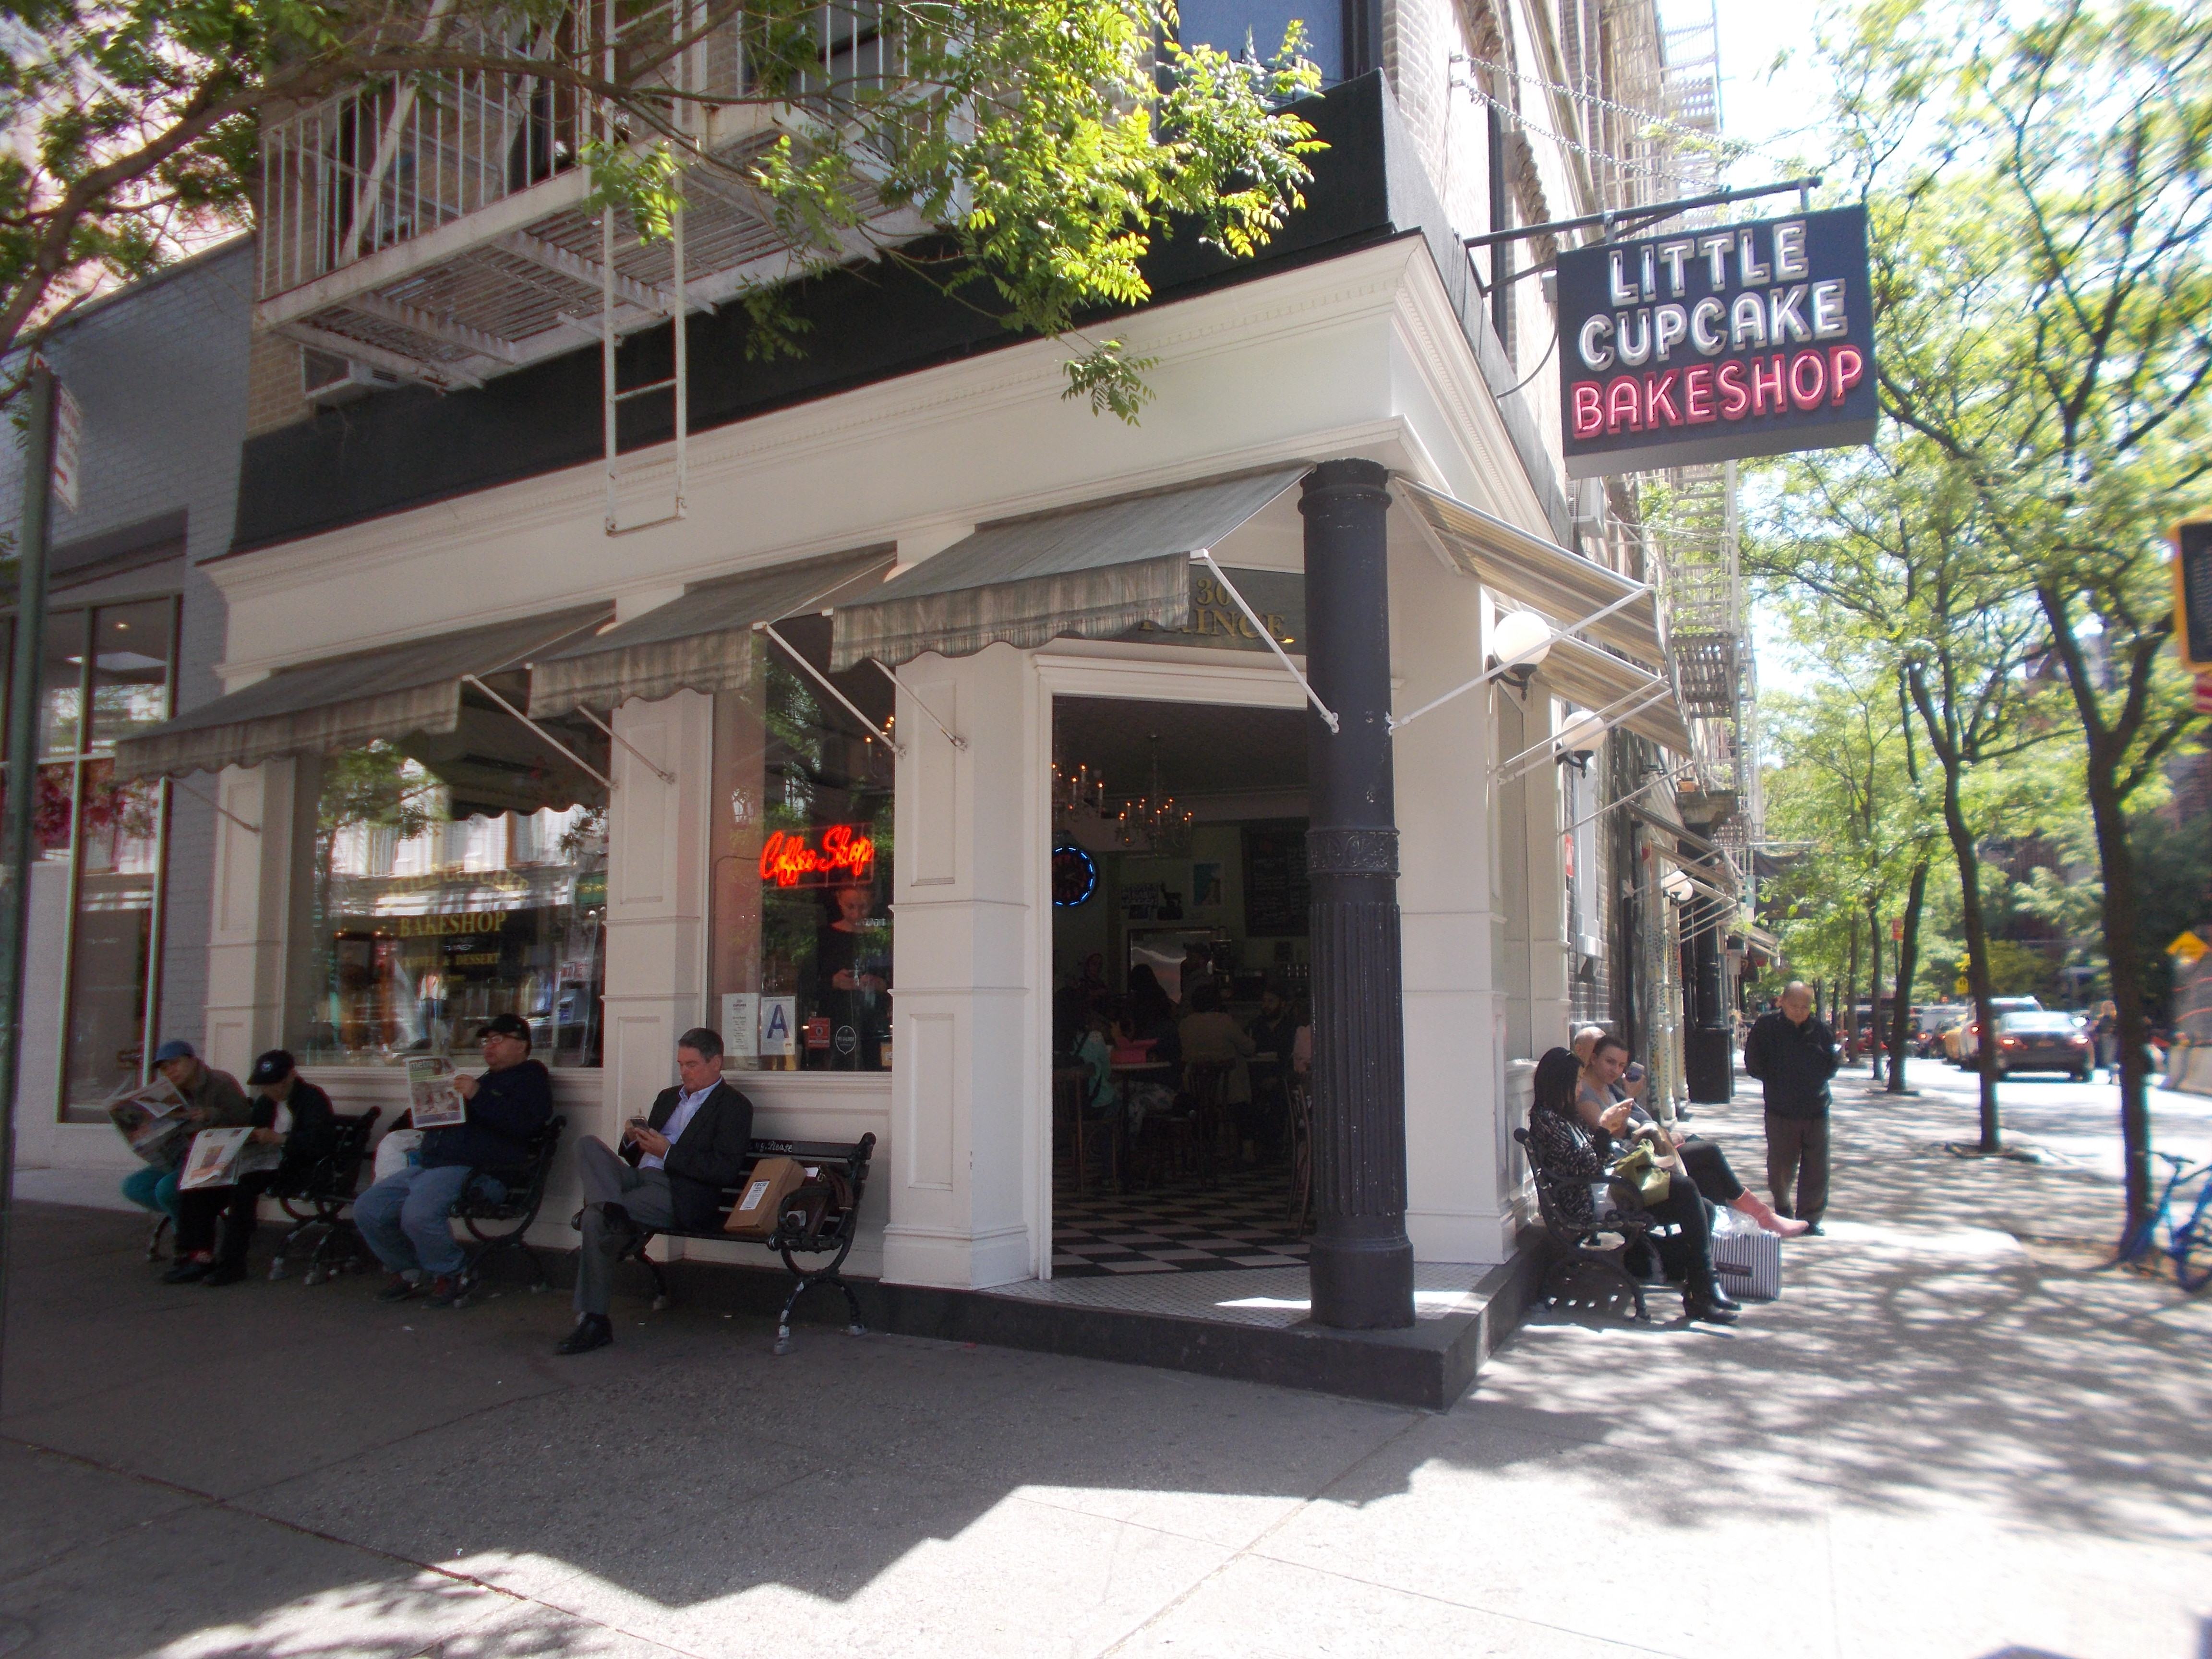 Little Cupcake Bakeshop et suite des anecdotes sur NY